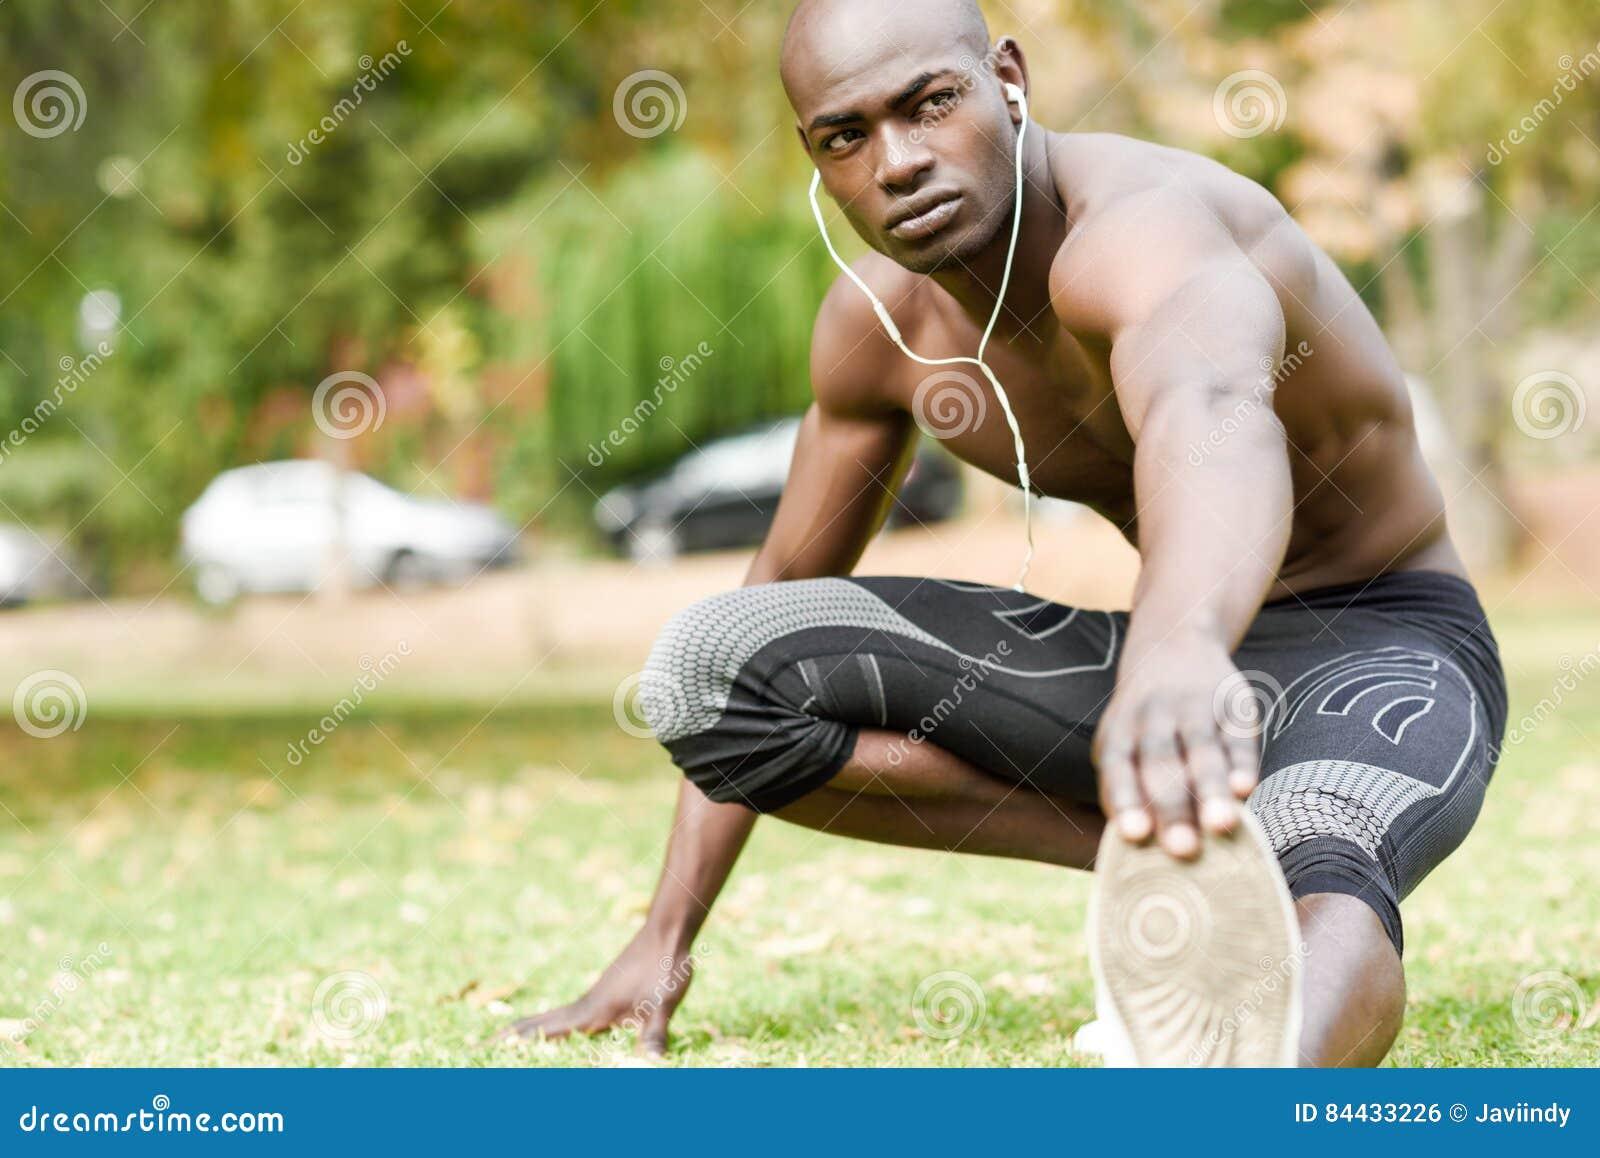 naked-black-man-fit-redneck-stripper